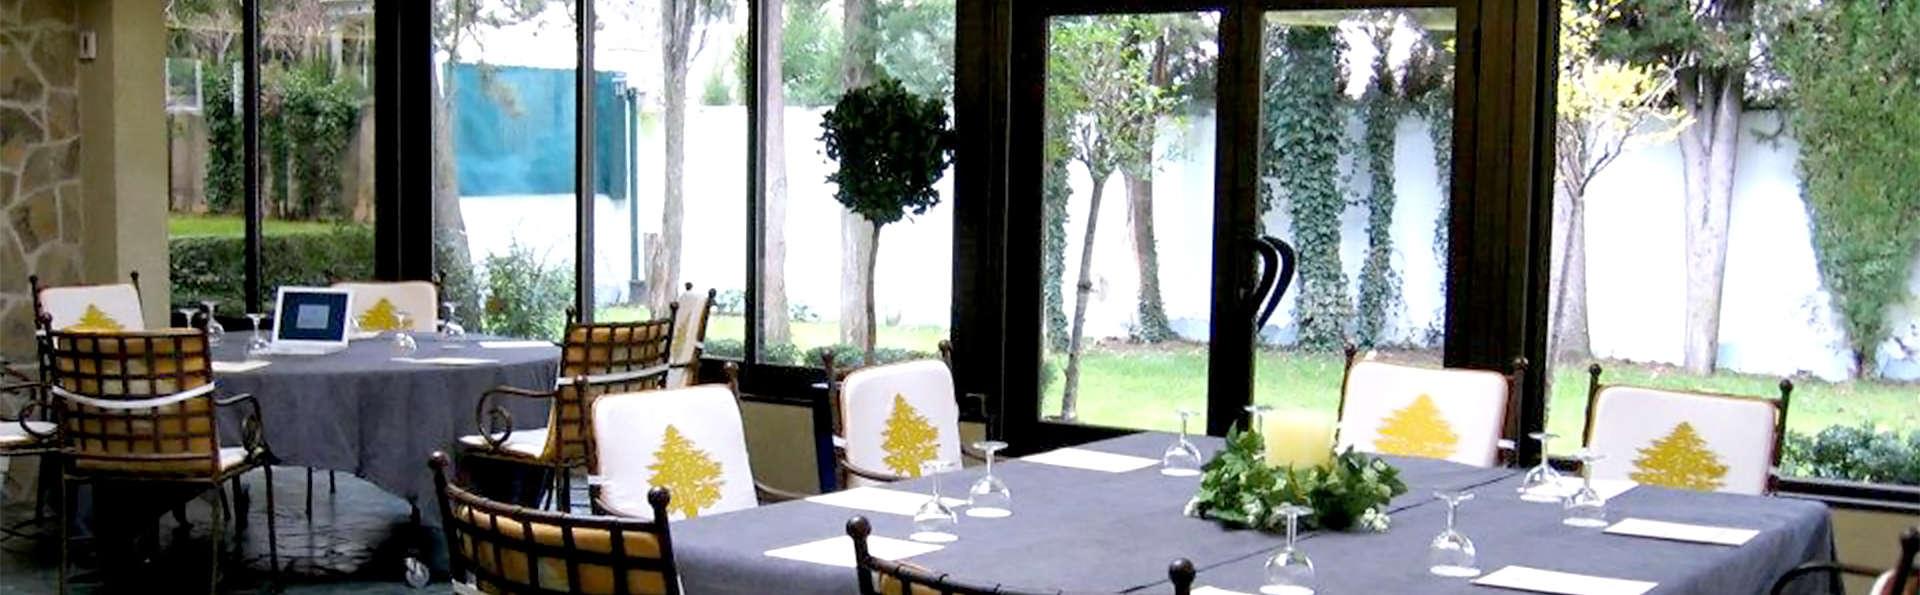 Hotel Conde Aznar - EDIT_rest4.jpg